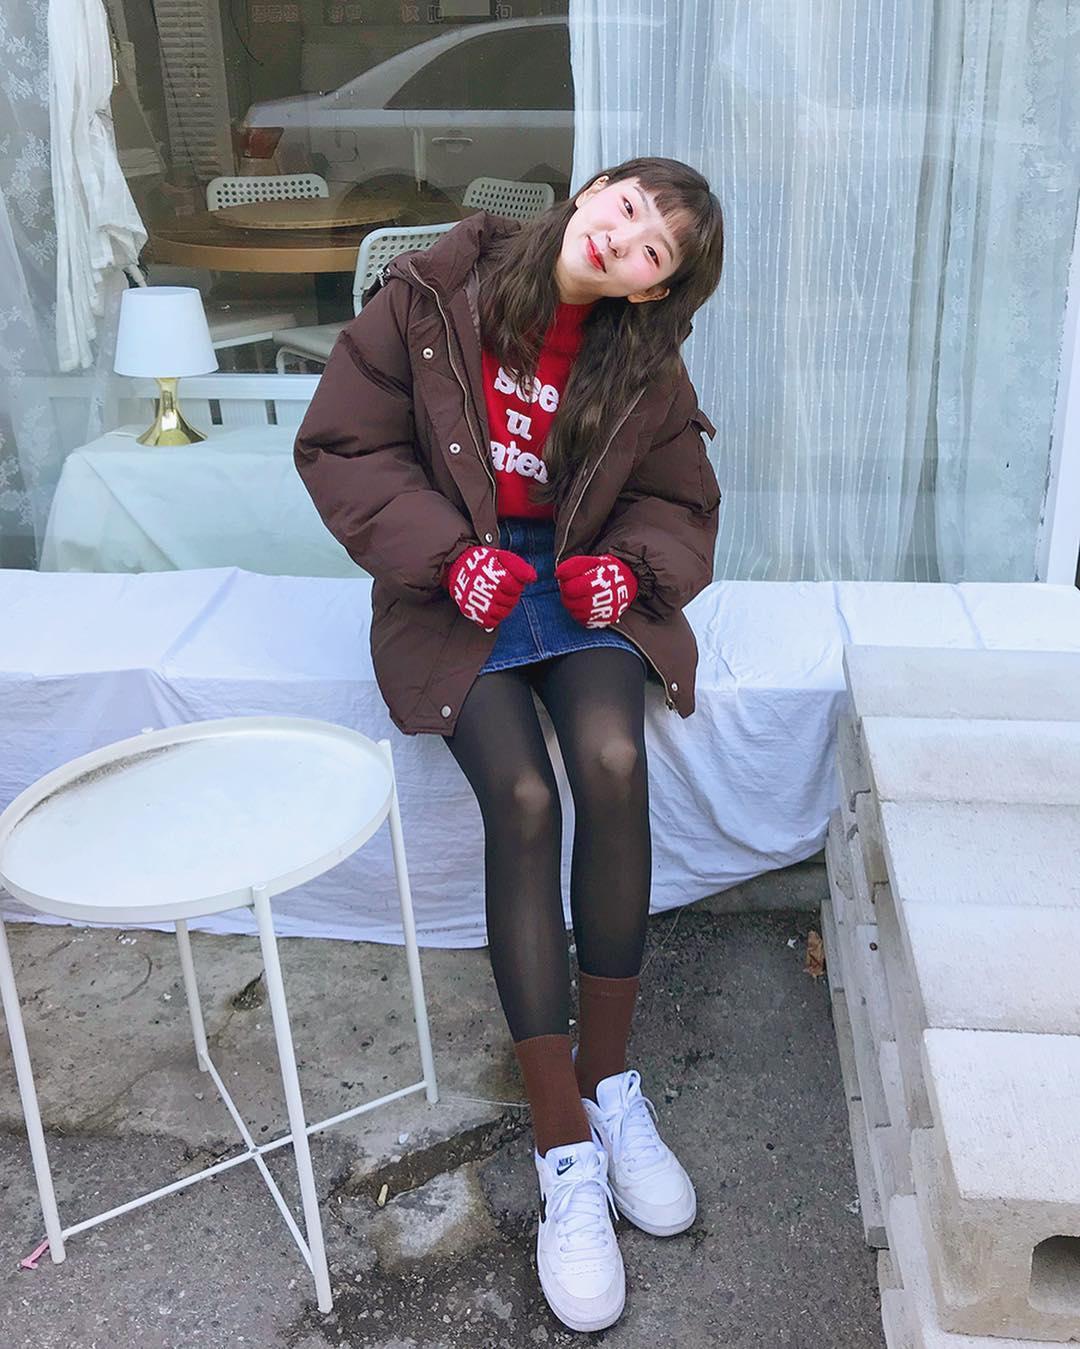 #40-50丹尼 - 微微透膚 40-50丹尼的褲襪透膚感會再更弱一些,但因為緊度增加,對於有蘿蔔腿、小腿腫脹這方面困擾的女孩完全是福音~